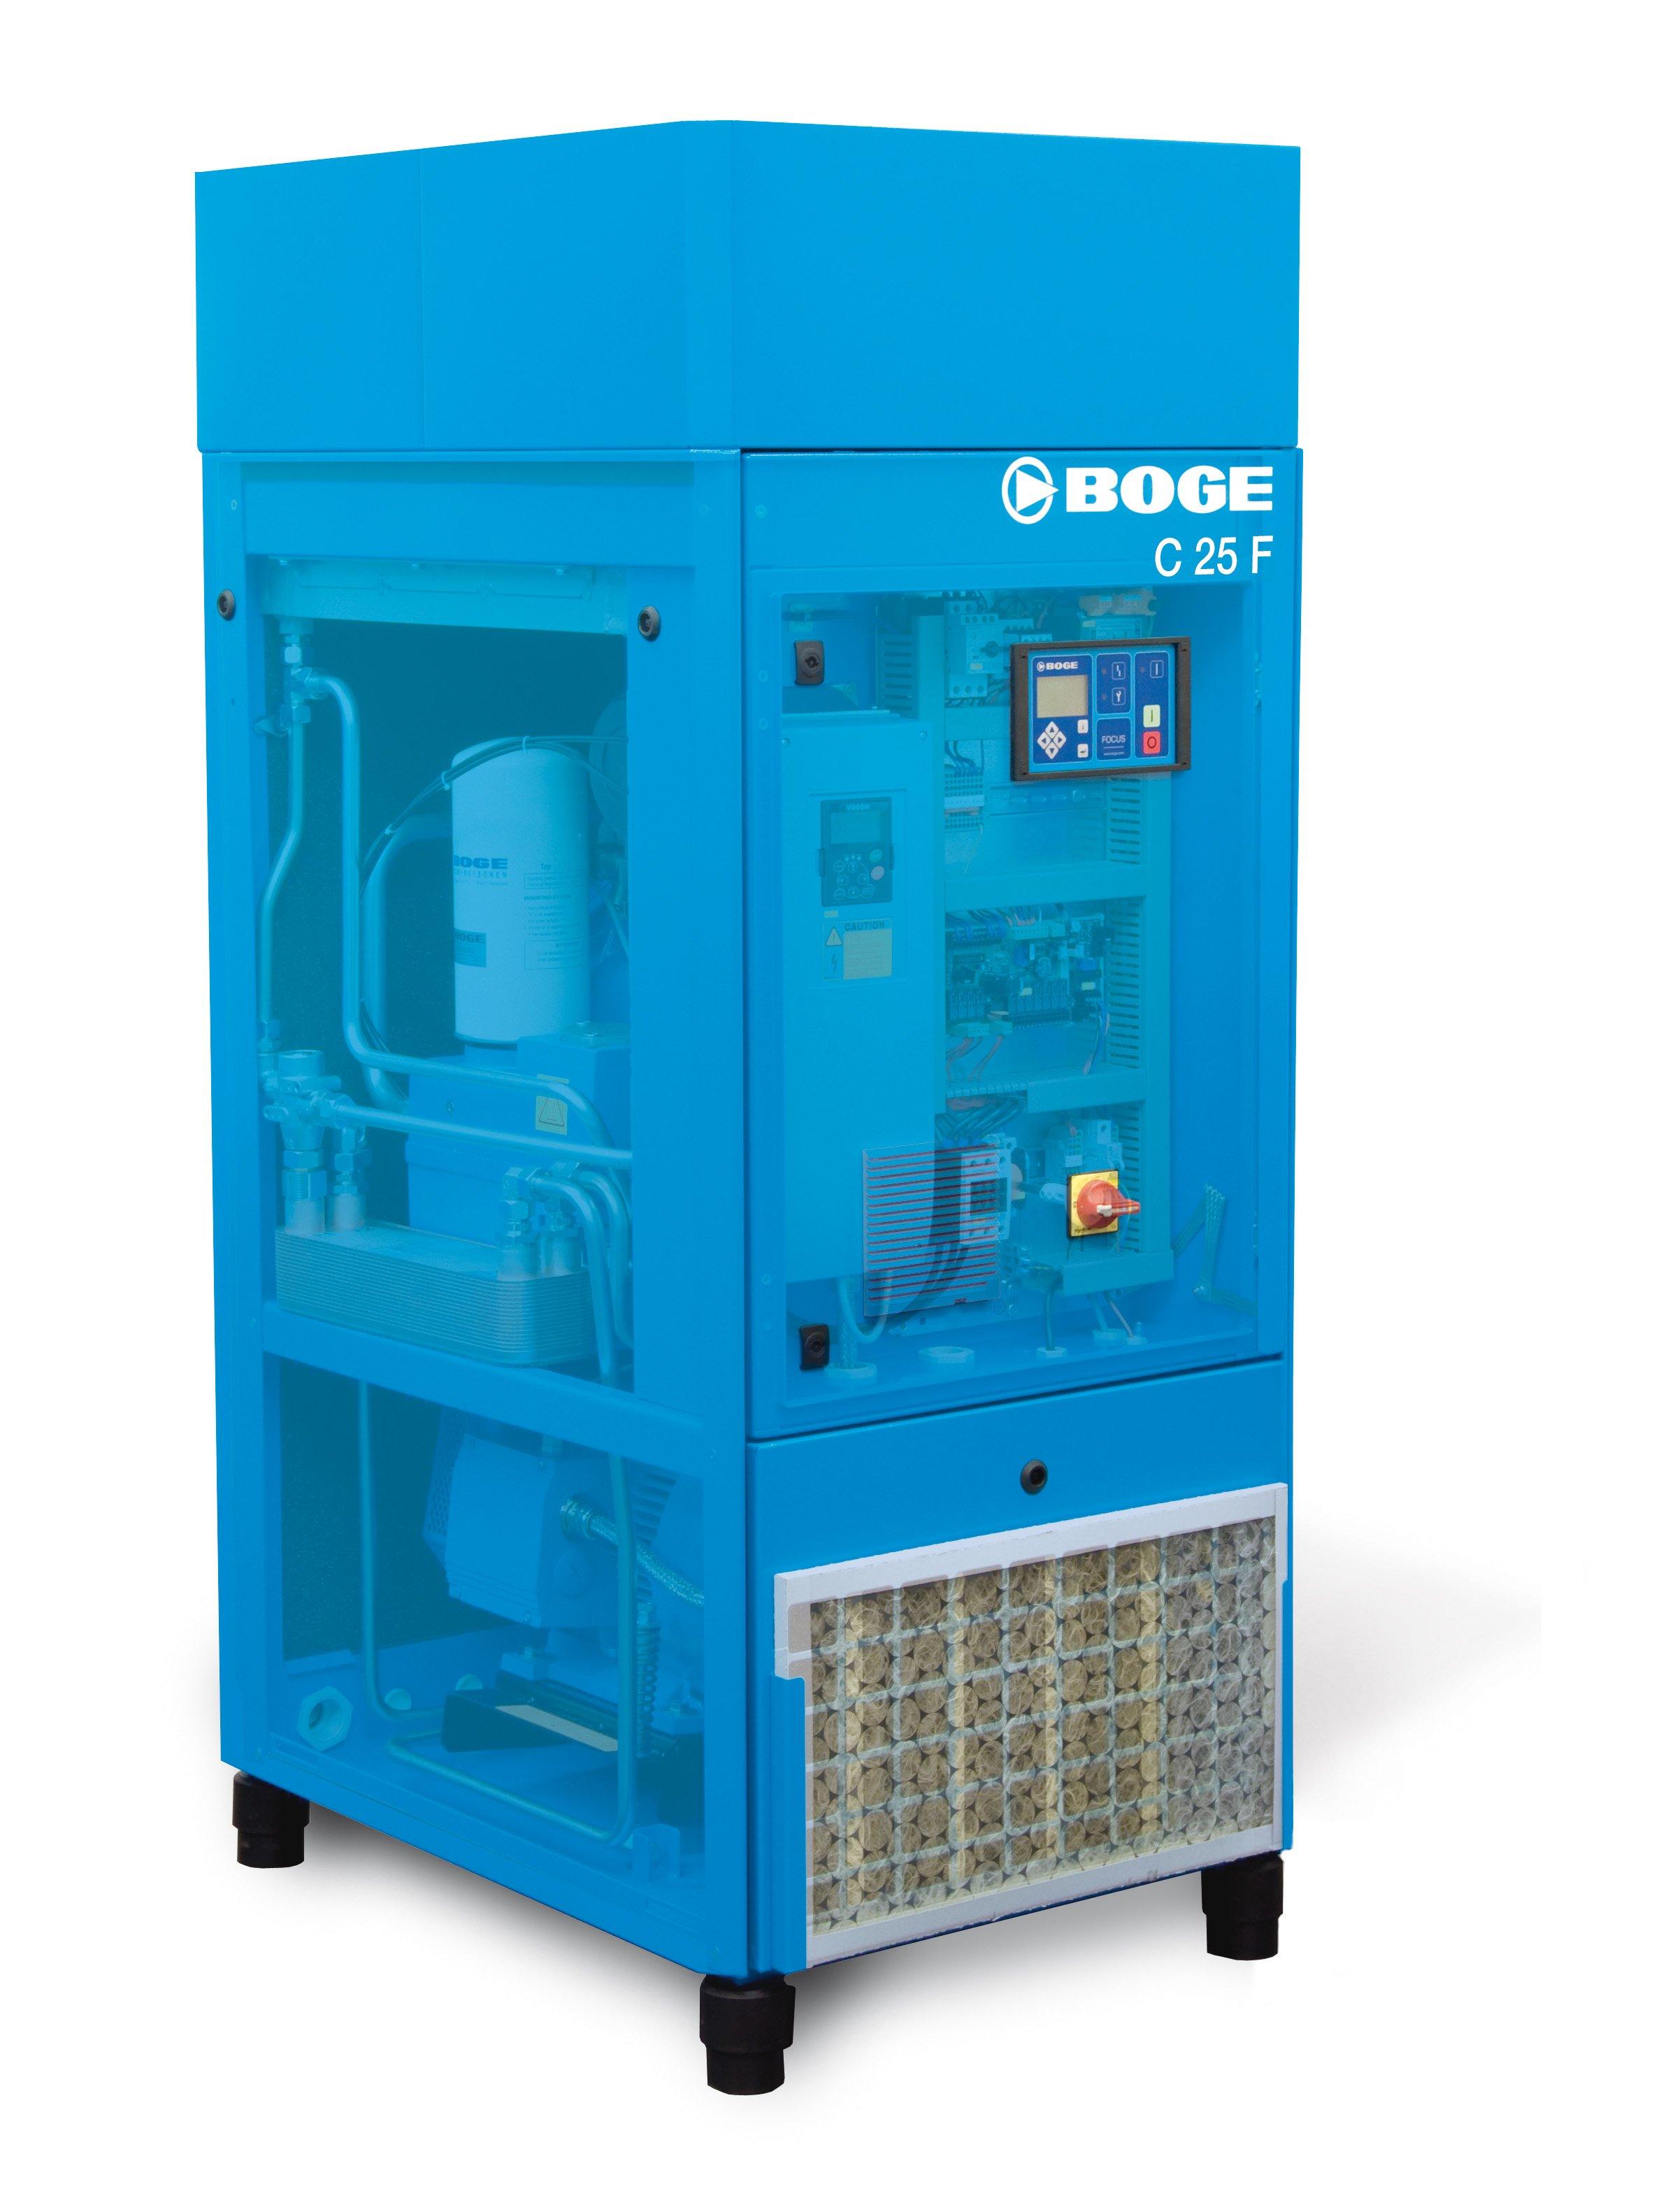 Air compressor models